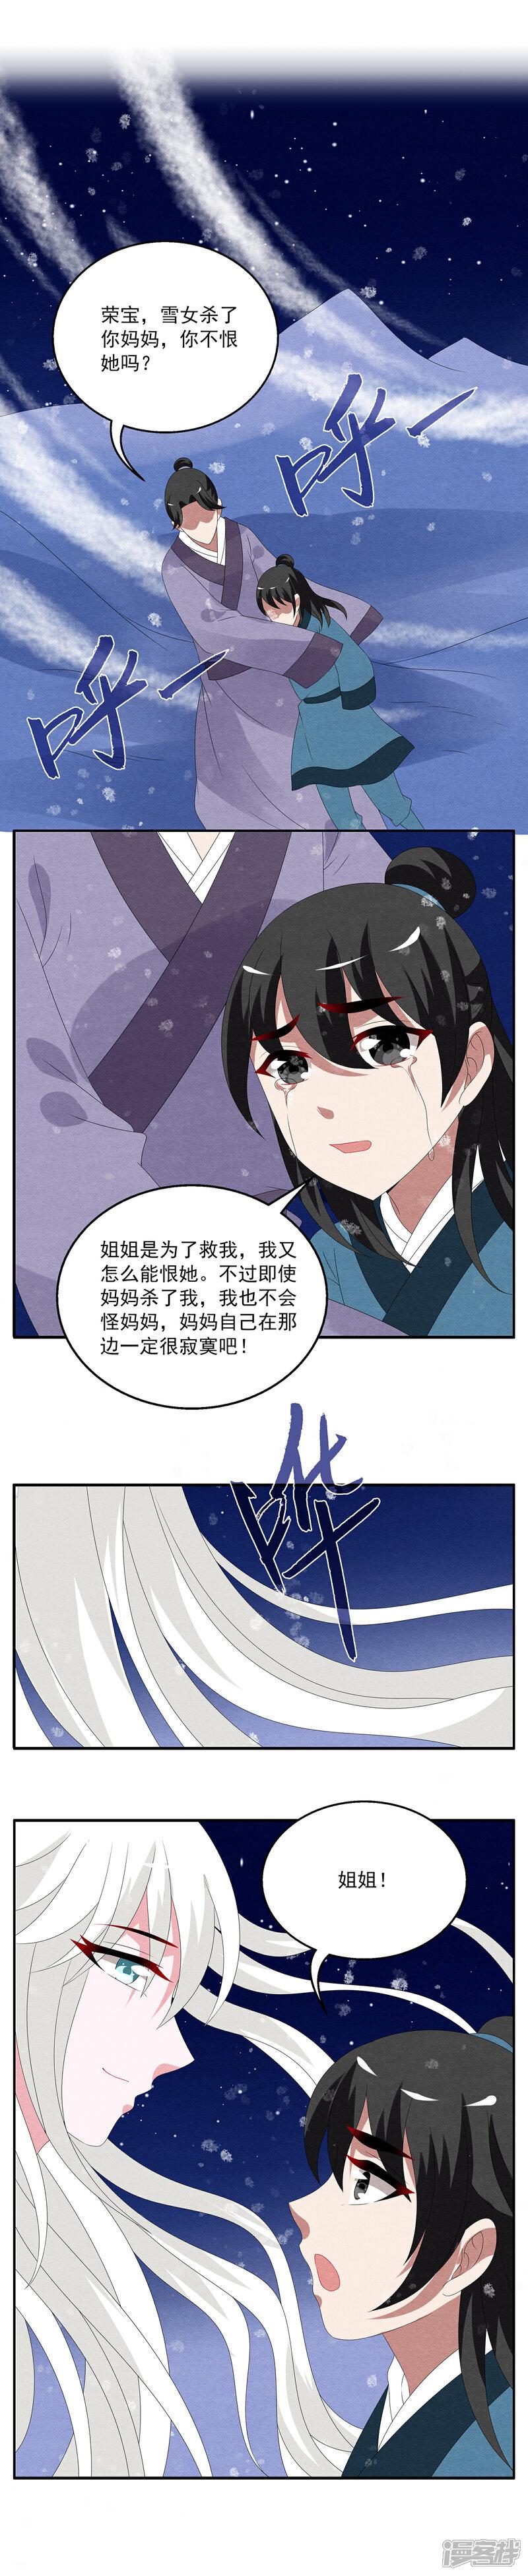 洛小妖98990012.JPG